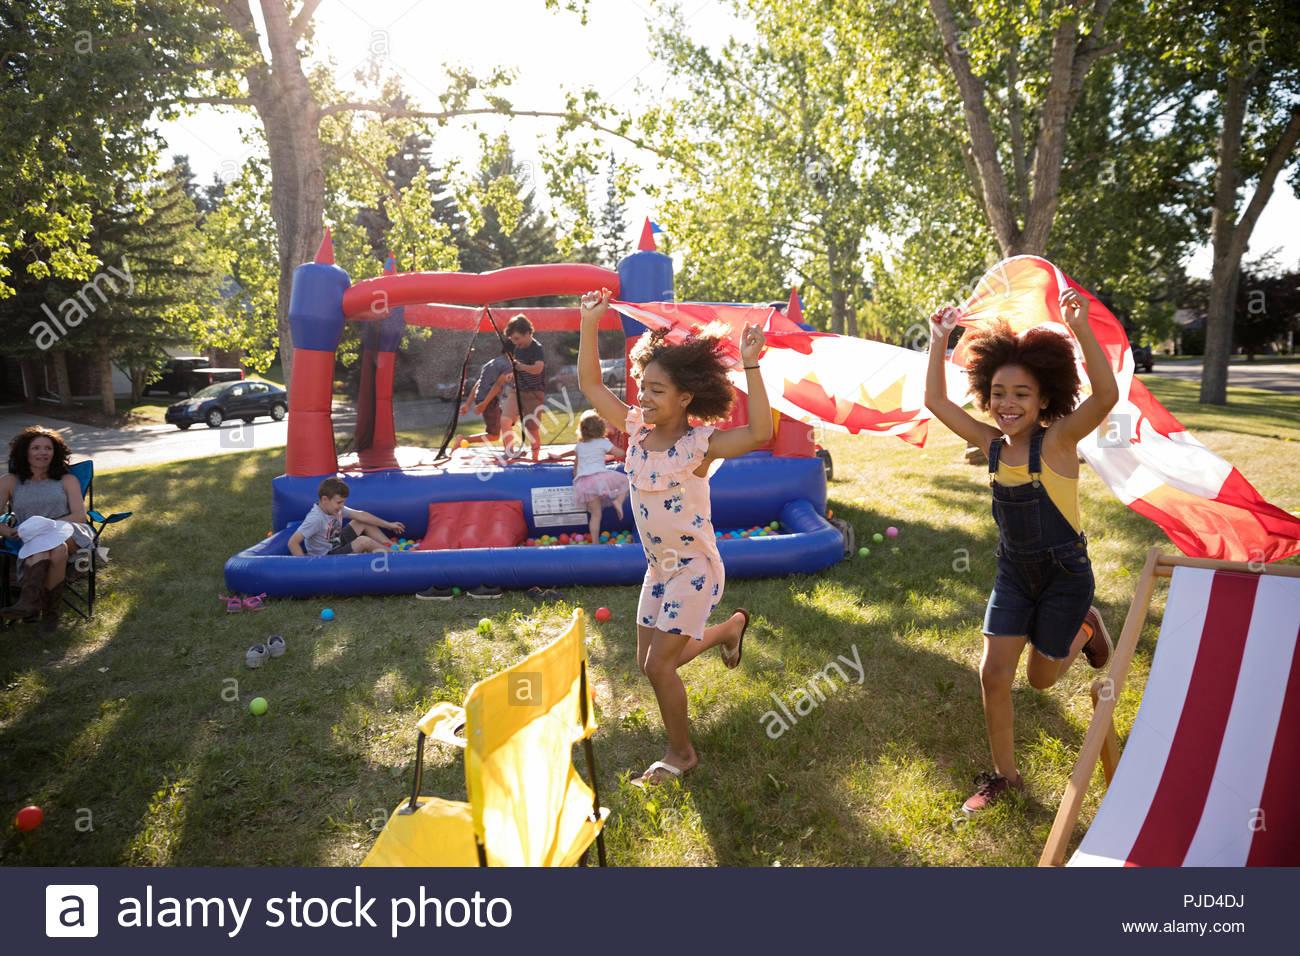 Juguetón niñas corriendo con banderas Canadienses, celebrando el Día de Canadá en sunny park Imagen De Stock